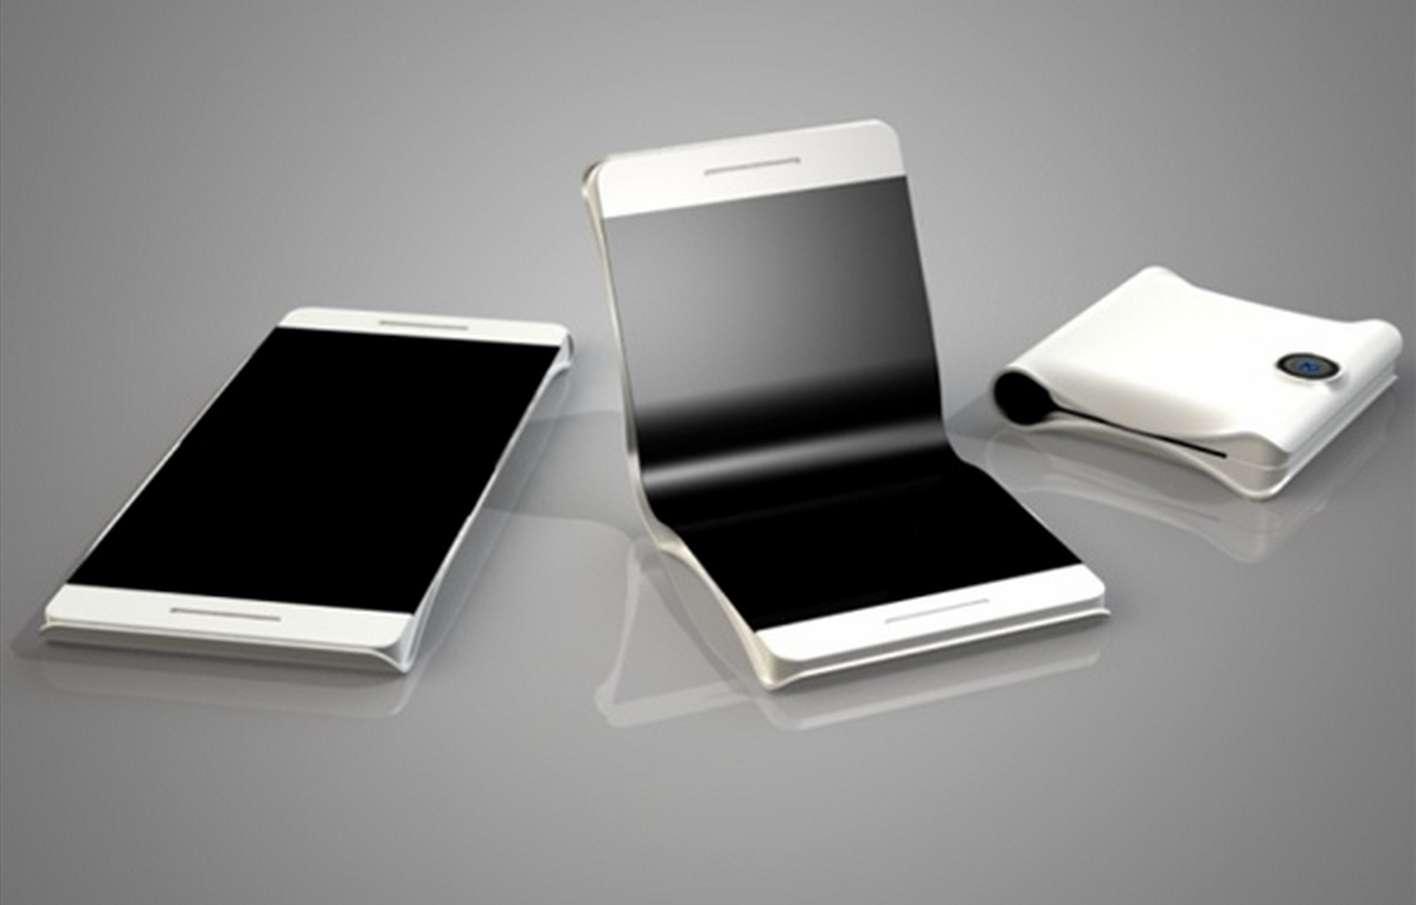 Voici à quoi pourrait ressembler l'un des smartphones à écran pliable que Samsung est censé dévoiler début 2017, lors du Mobile World Congress. © DR